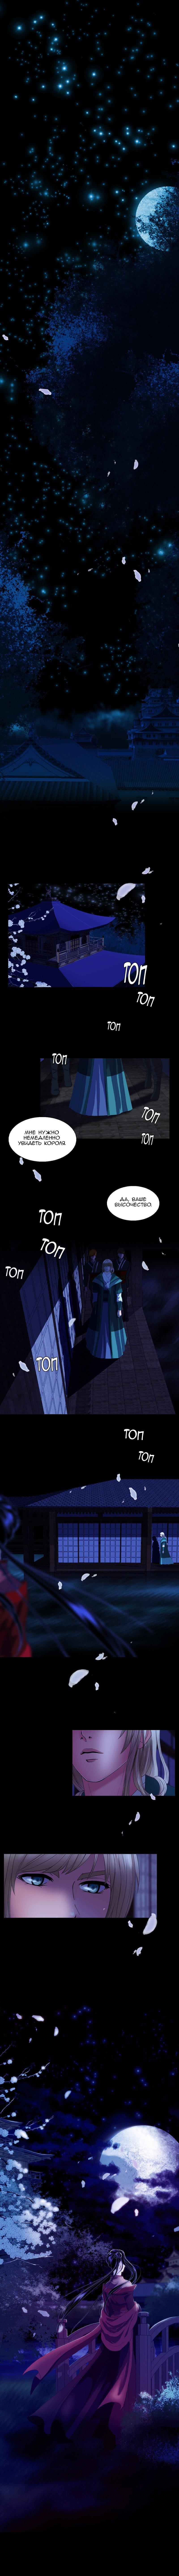 Манга Мой дорогой хладнокровный король - Глава 43 Страница 1